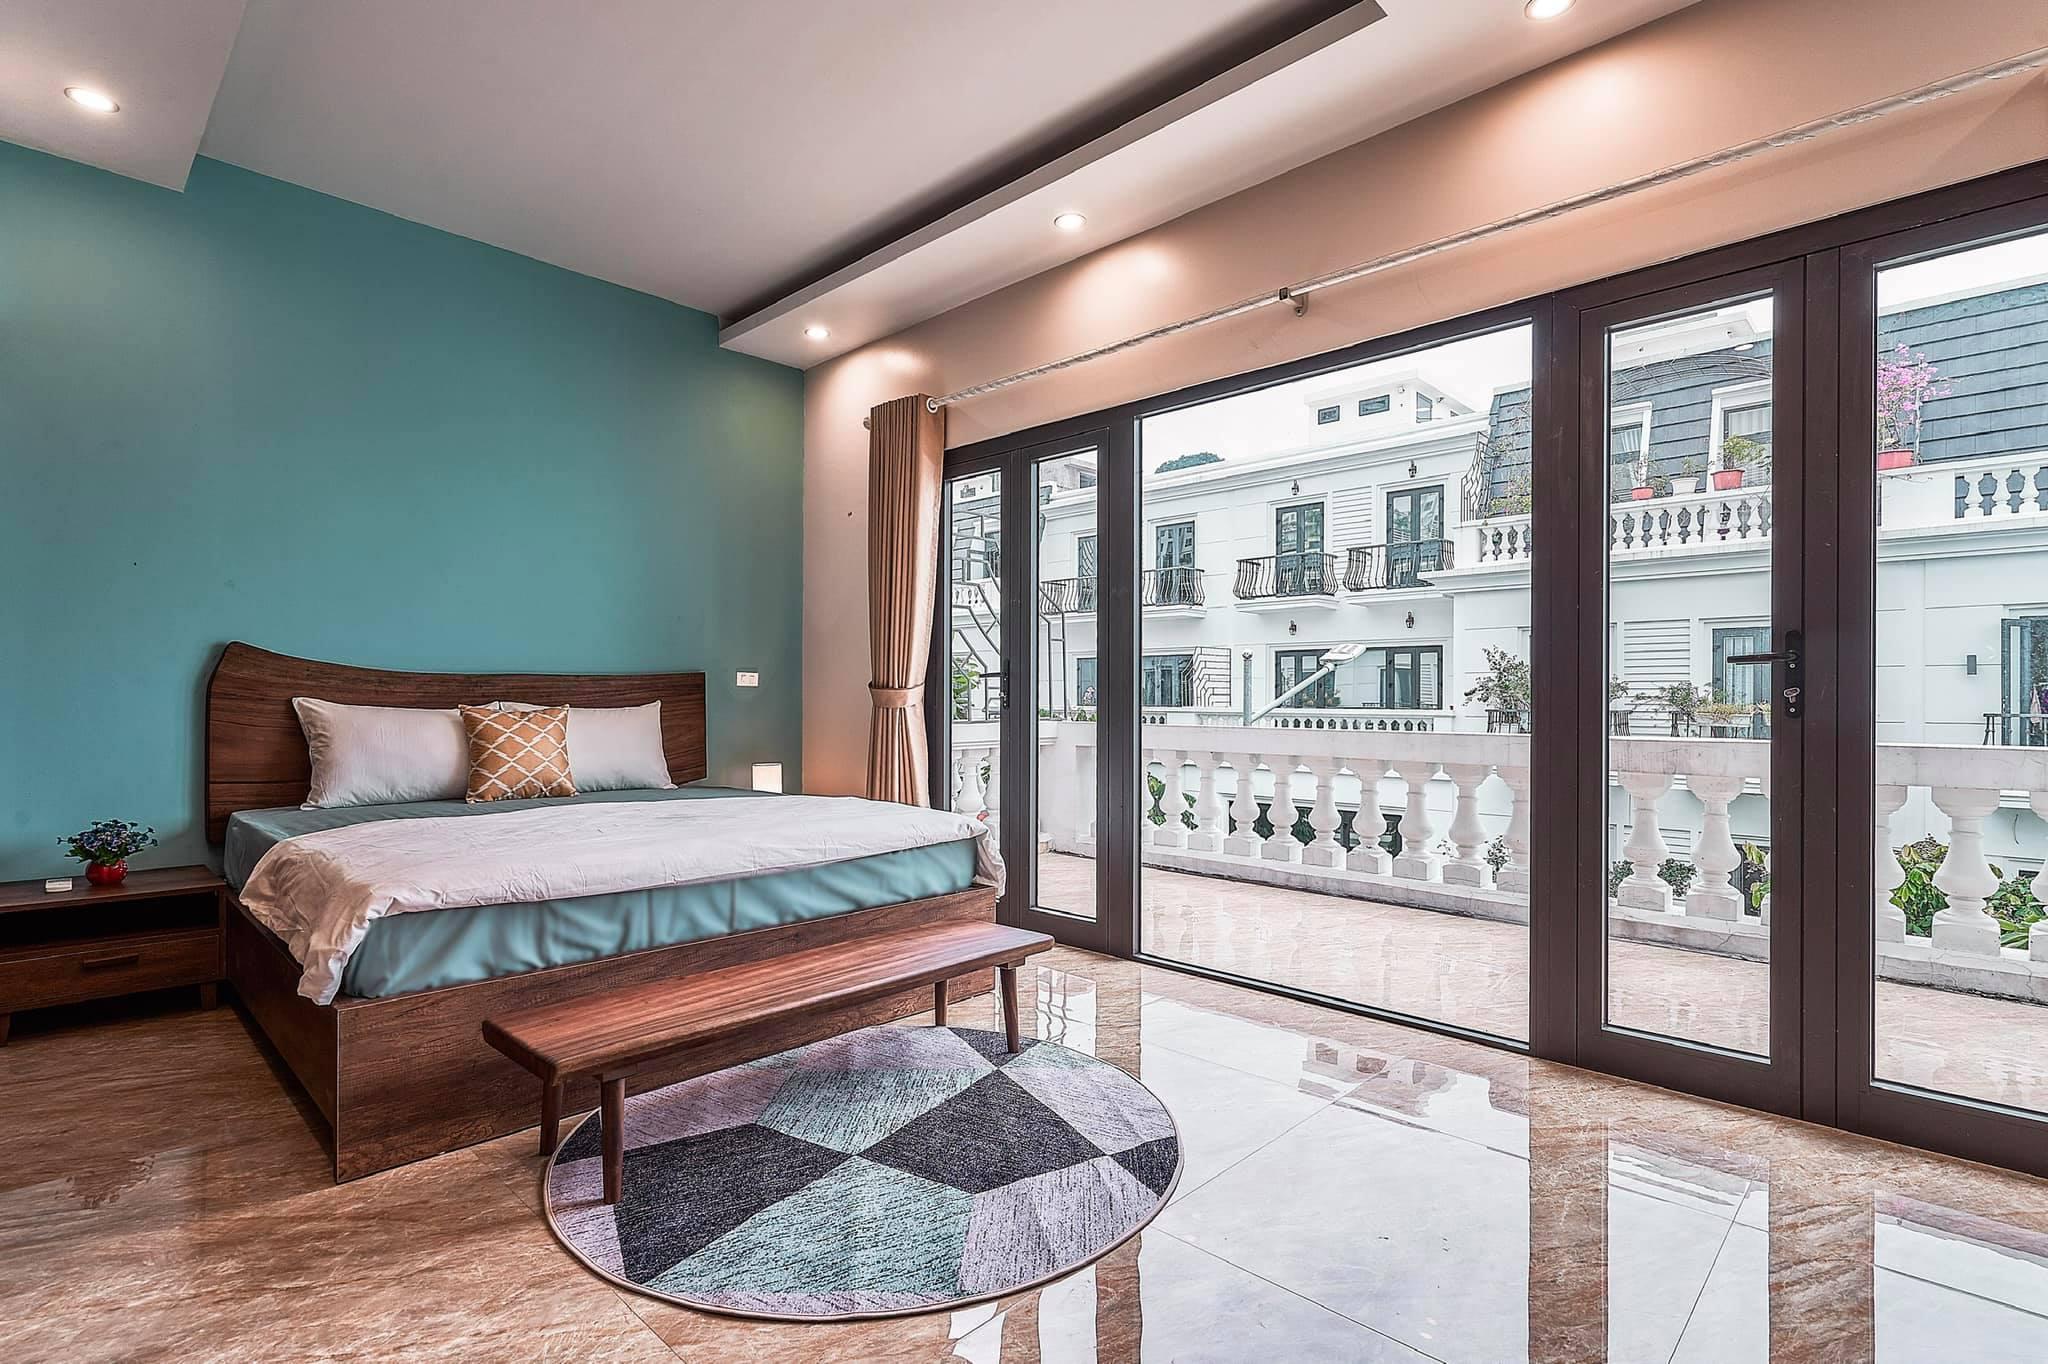 Phòng ngủ có ban công tại Villa Mercerus